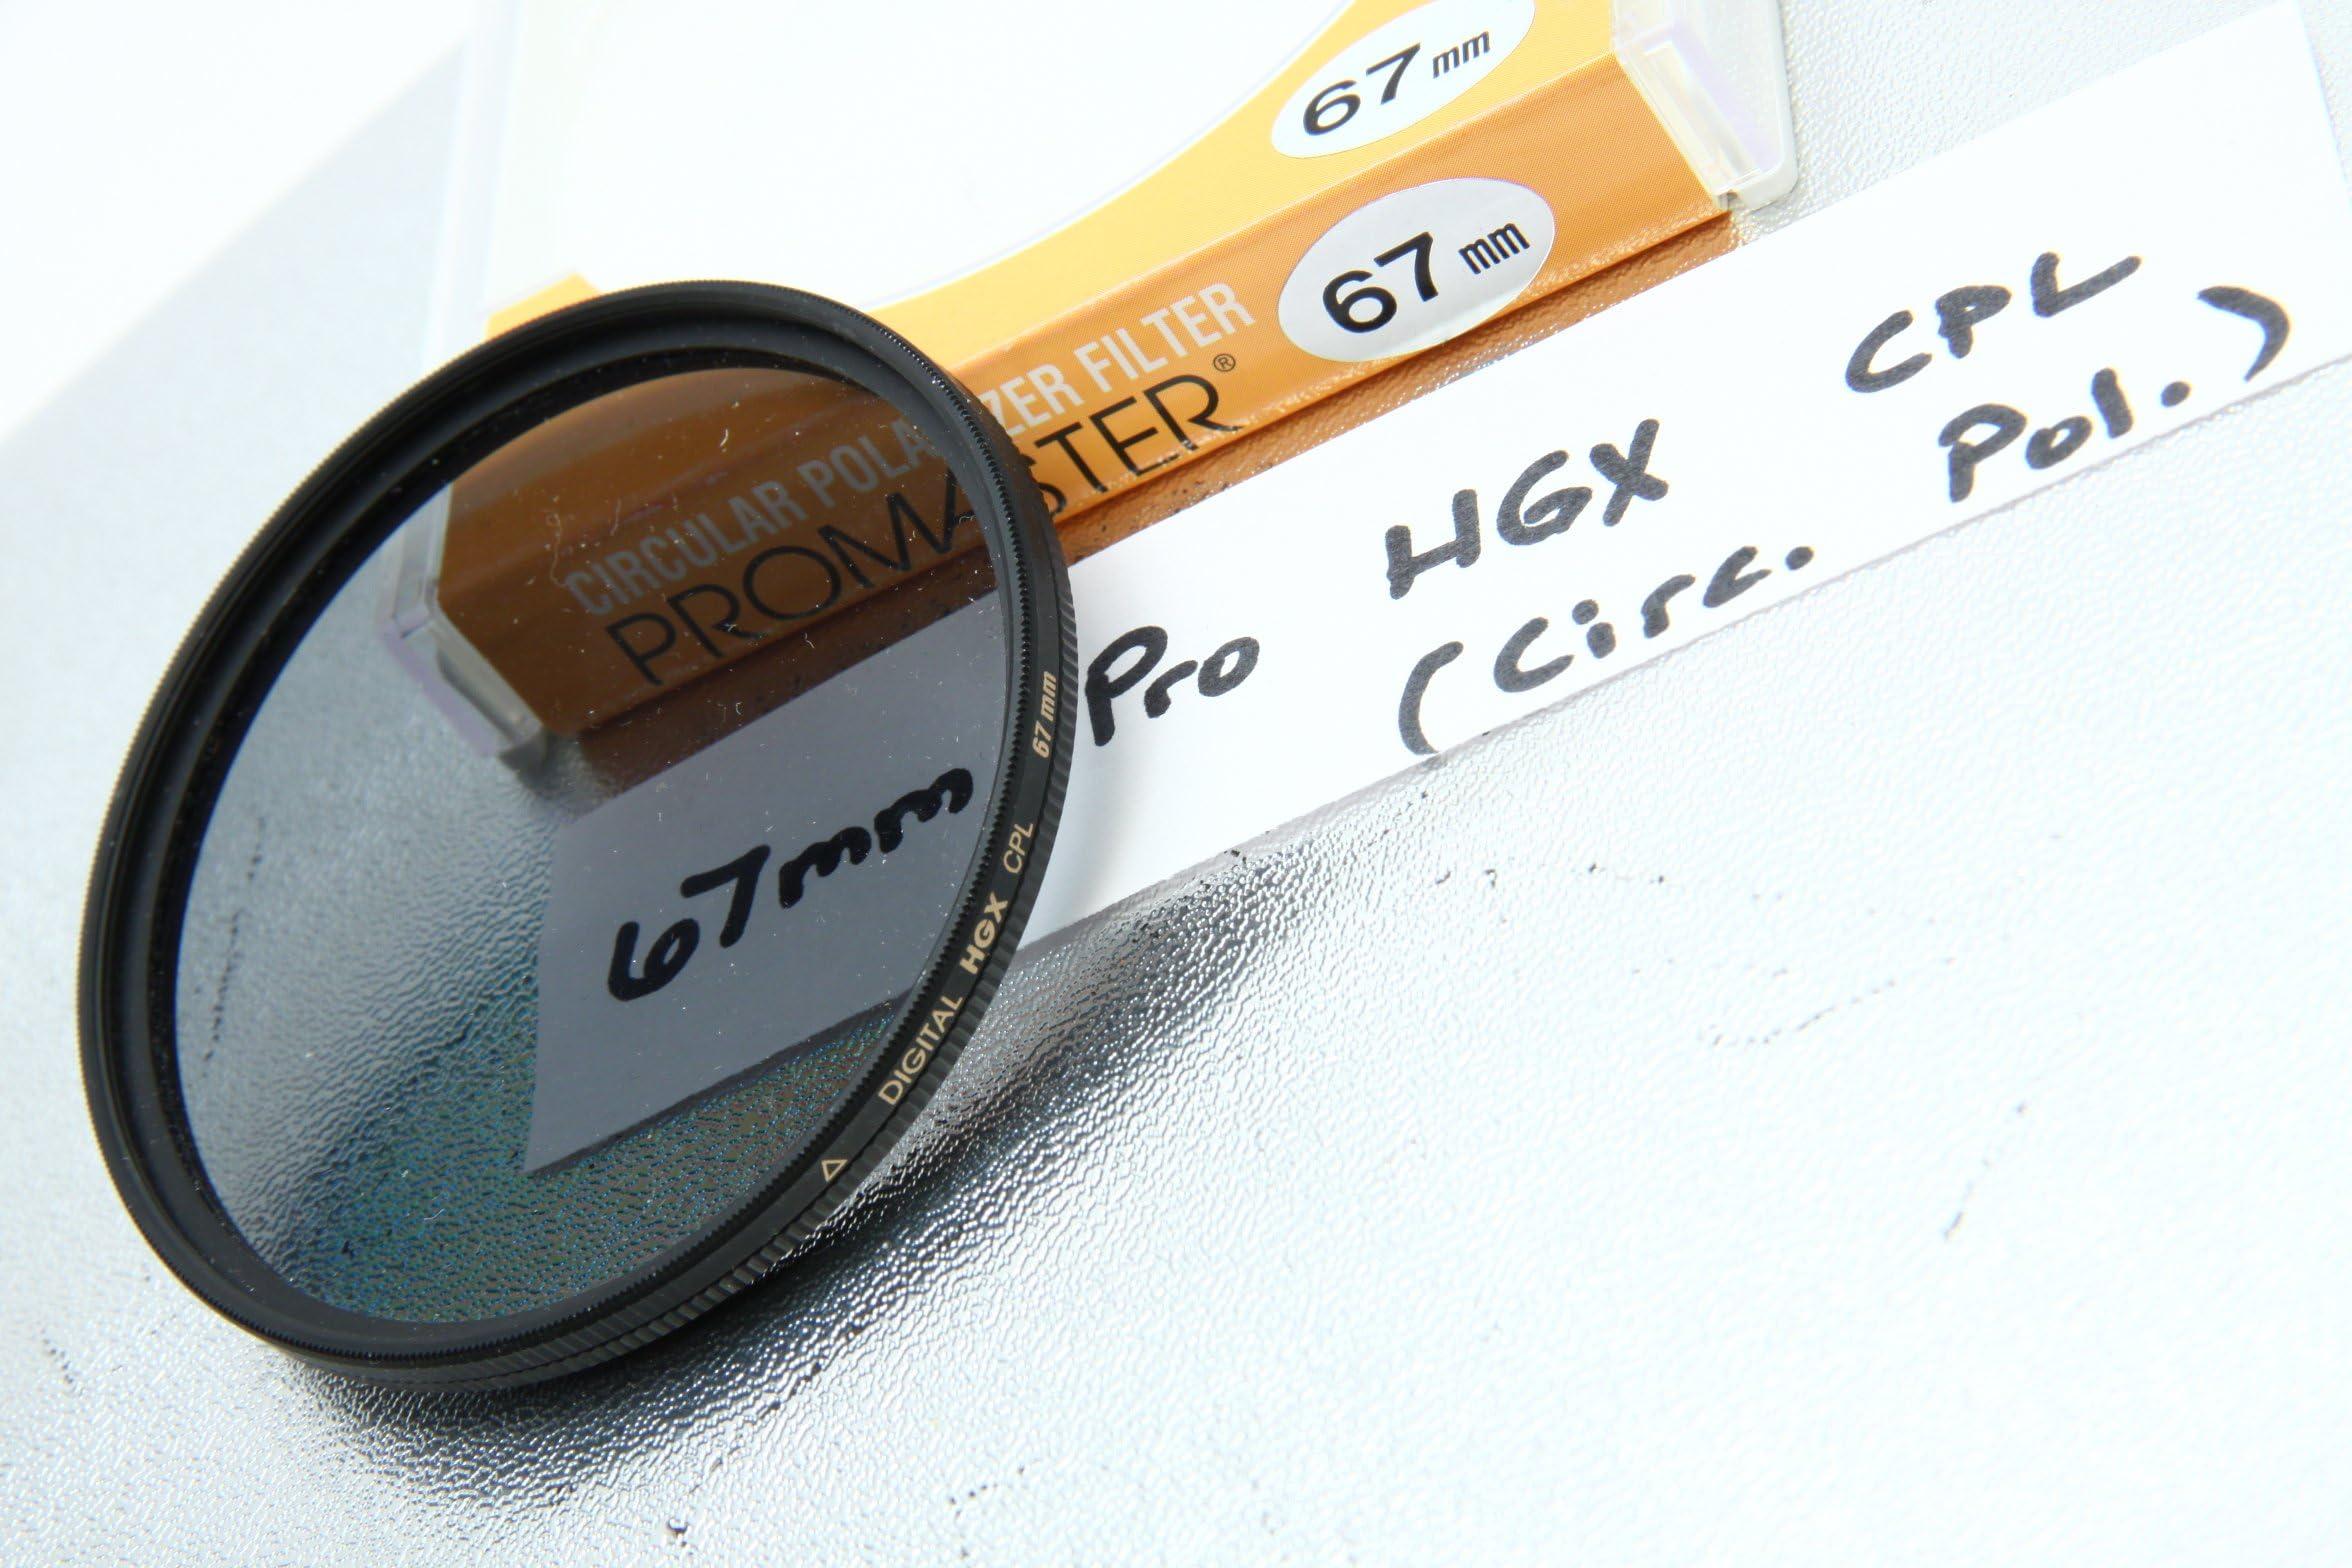 Rollei Saturn MRC CPL Filter 18-lagige Mehrreihige beschichtete CPL-Filter Zirkular-Polarisationsfilter Ultra Slim Polarisationsfilter Polarizer Filter 52mm